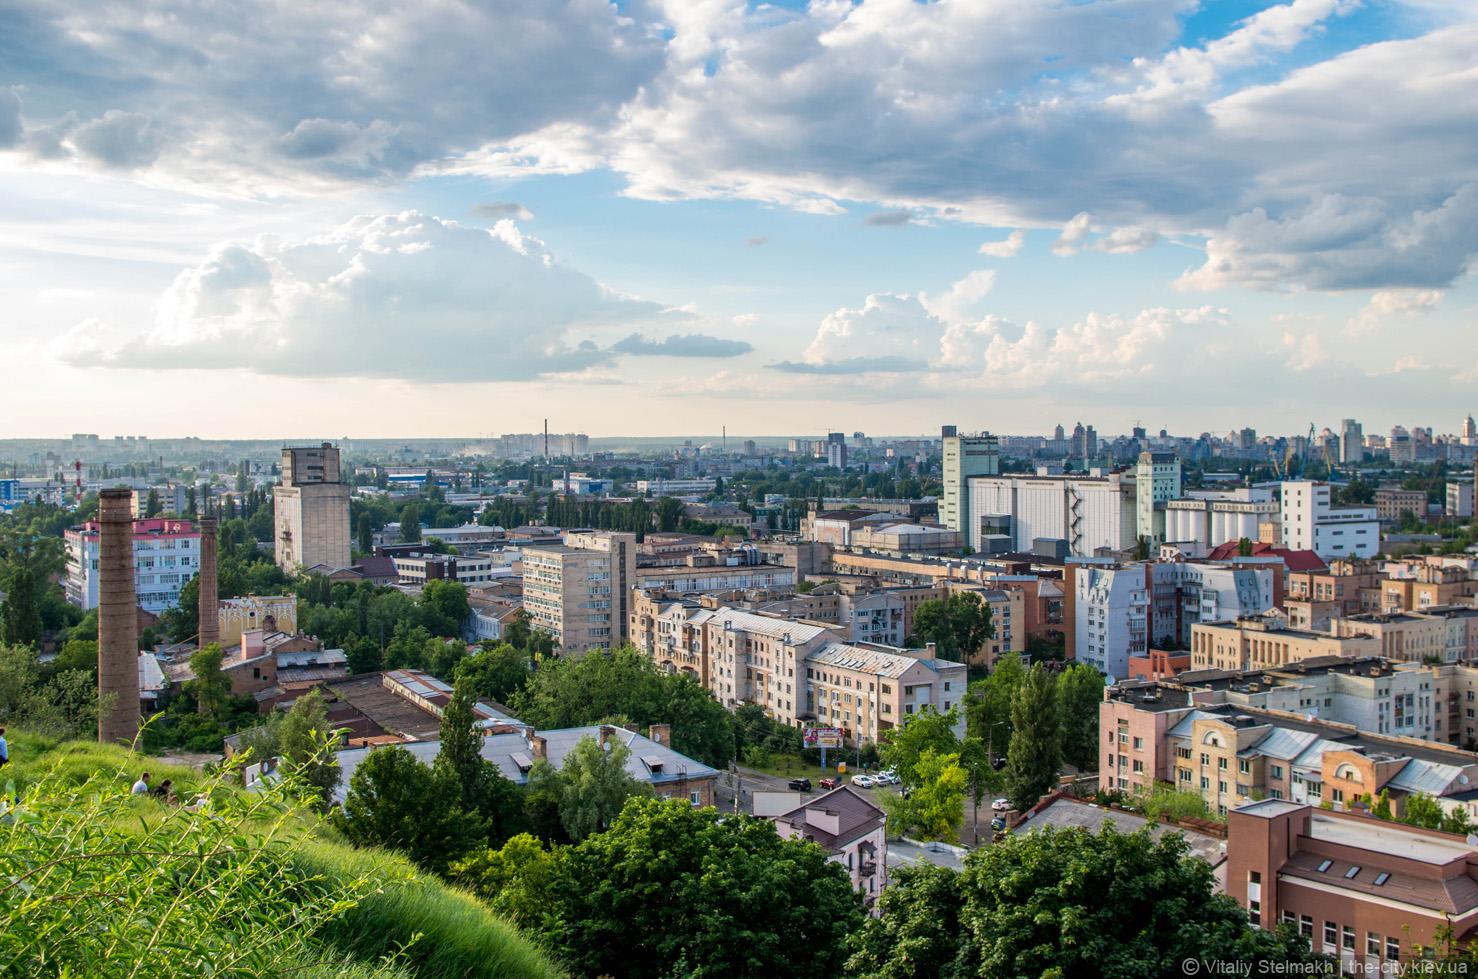 Побывать на смотровых и обзорных площадках Киева